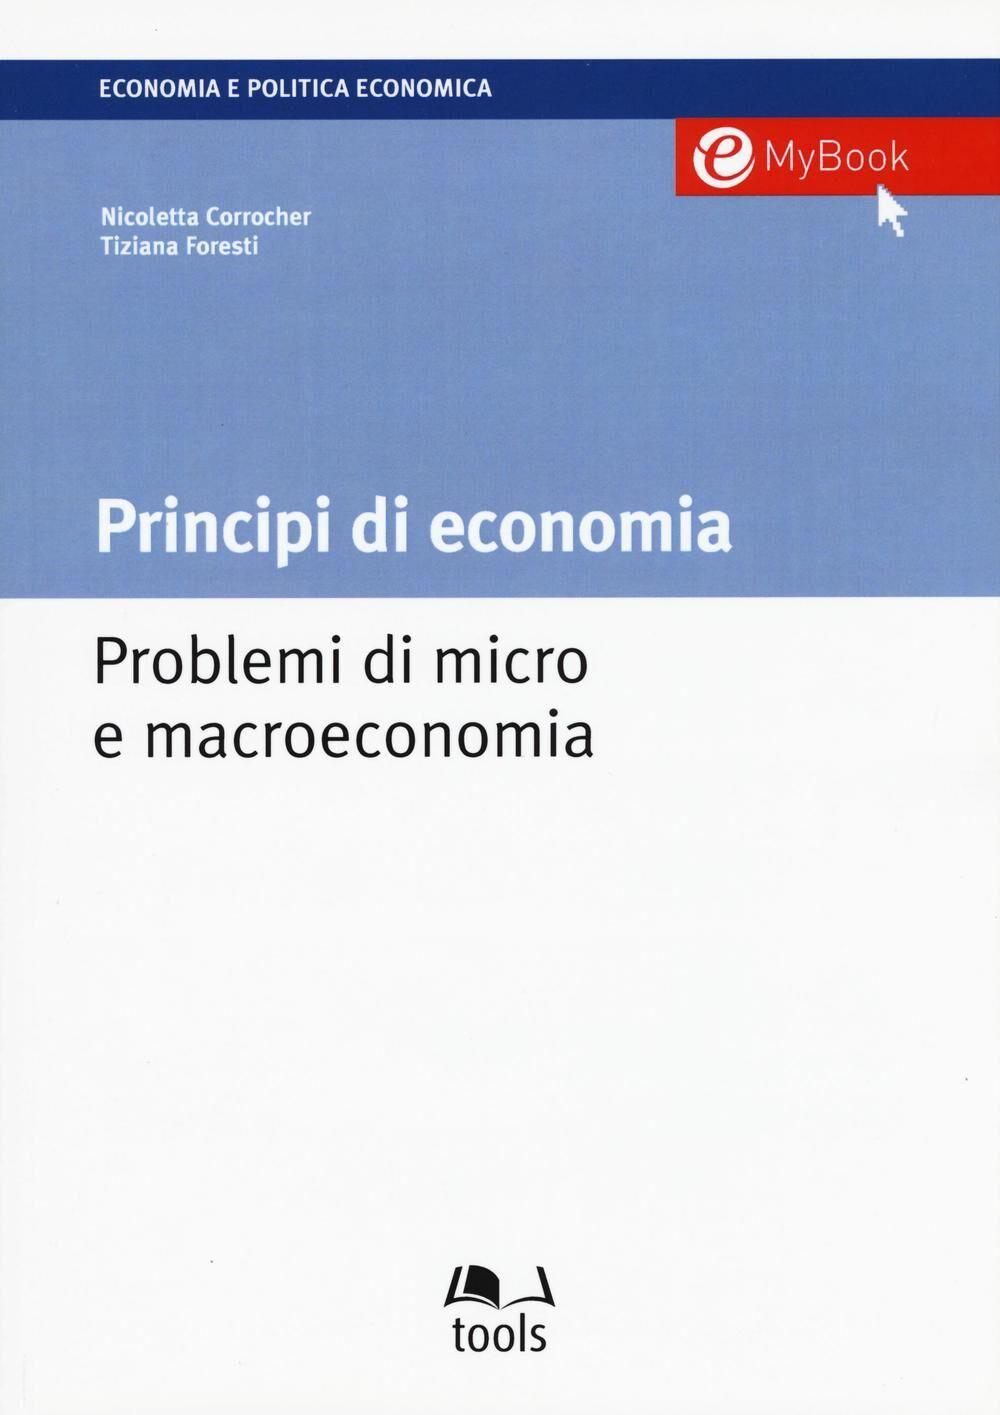 Principi di economia. Problemi di micro e macroeconomia